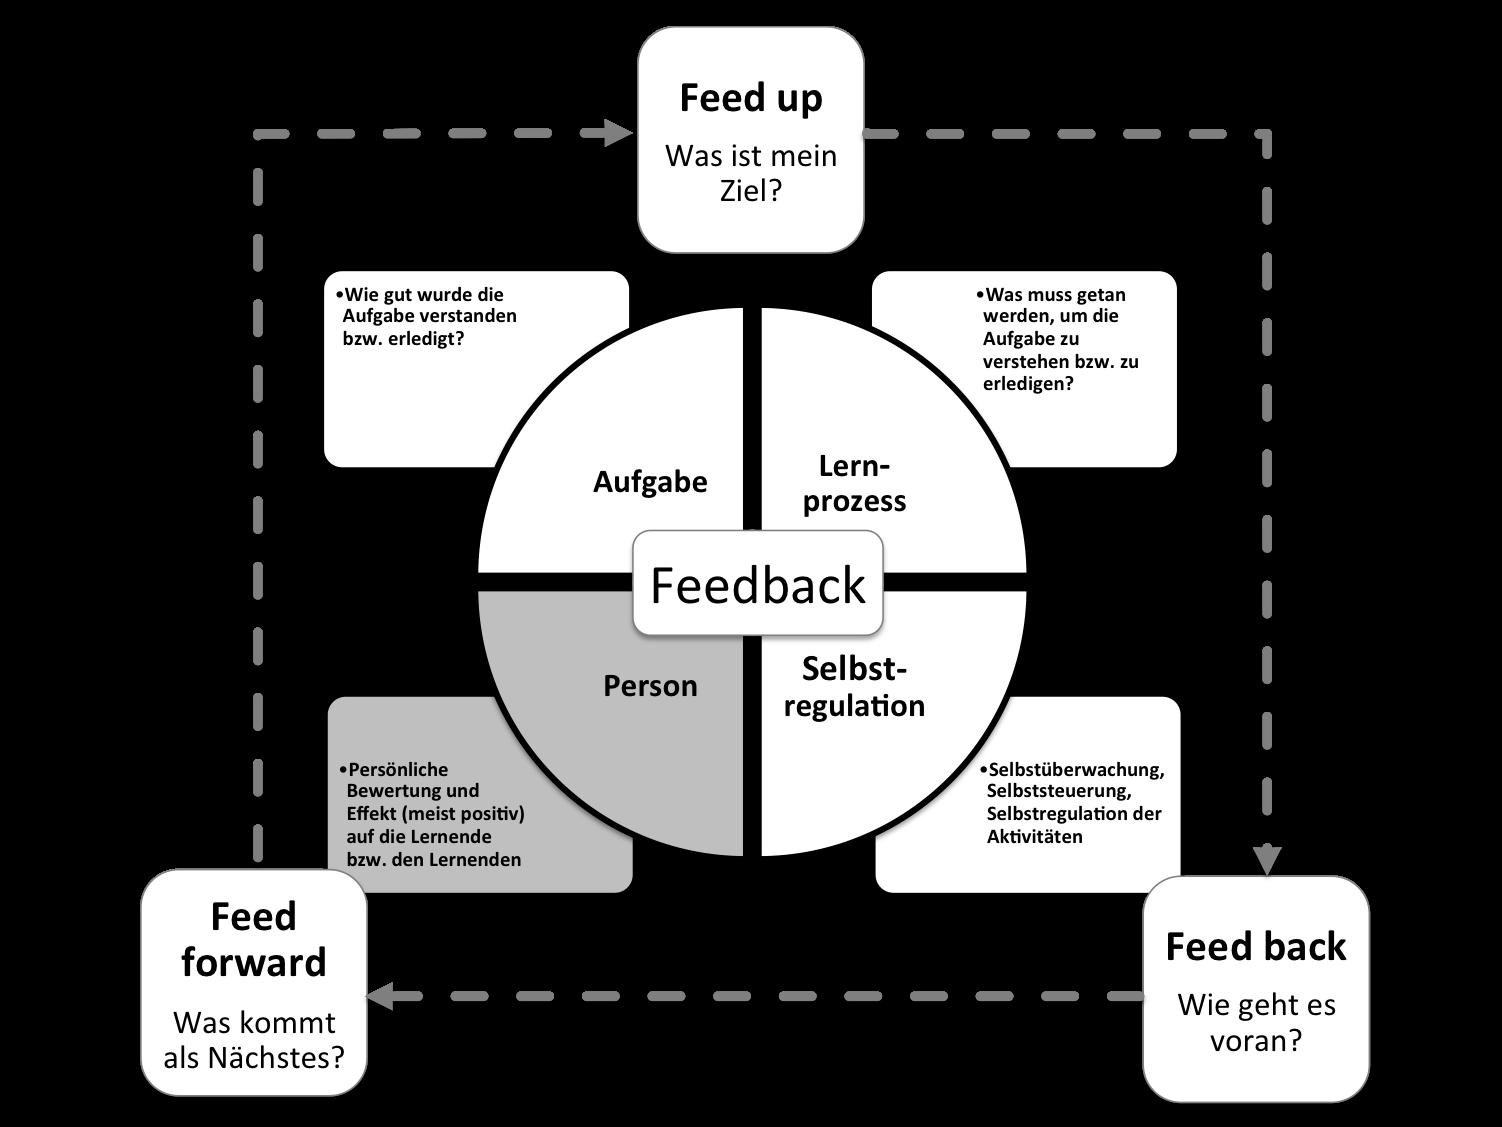 Abb. 1: Feedback-Prozess auf unterschiedlichen Ebenen (in Anlehnung an Hattie, 2009, S. 176 bzw. Hattie & Timperley, 2007, S. 87)